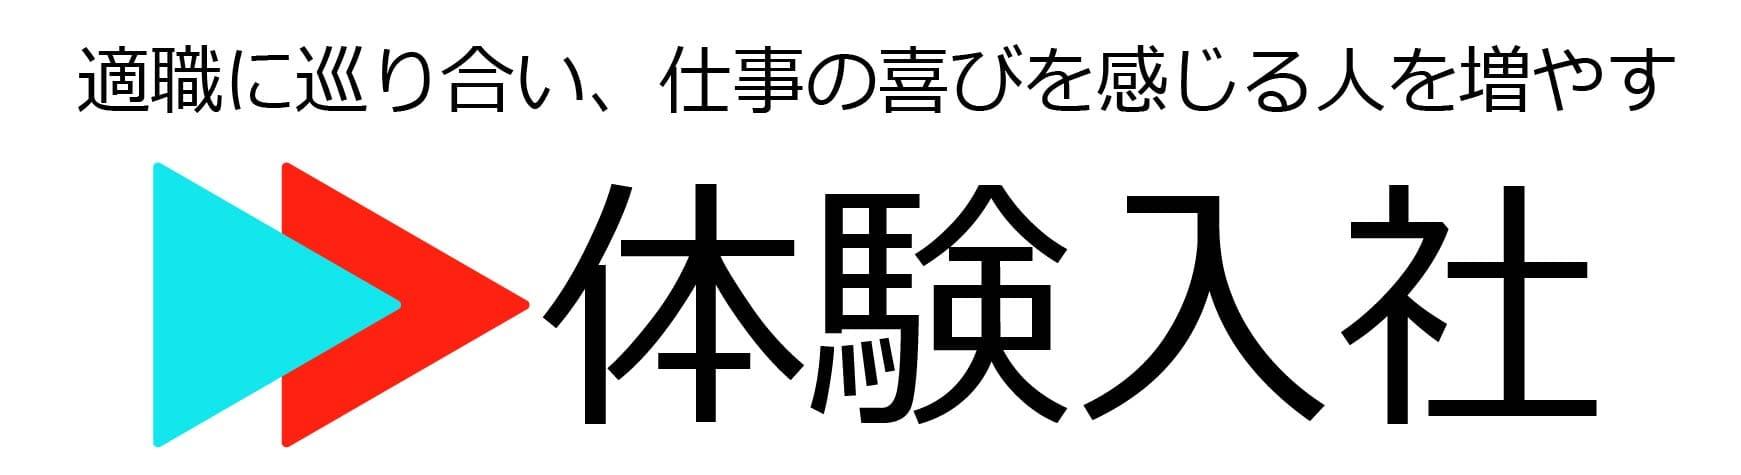 体験入社・職場見学ができる転職サイト【体験入社】